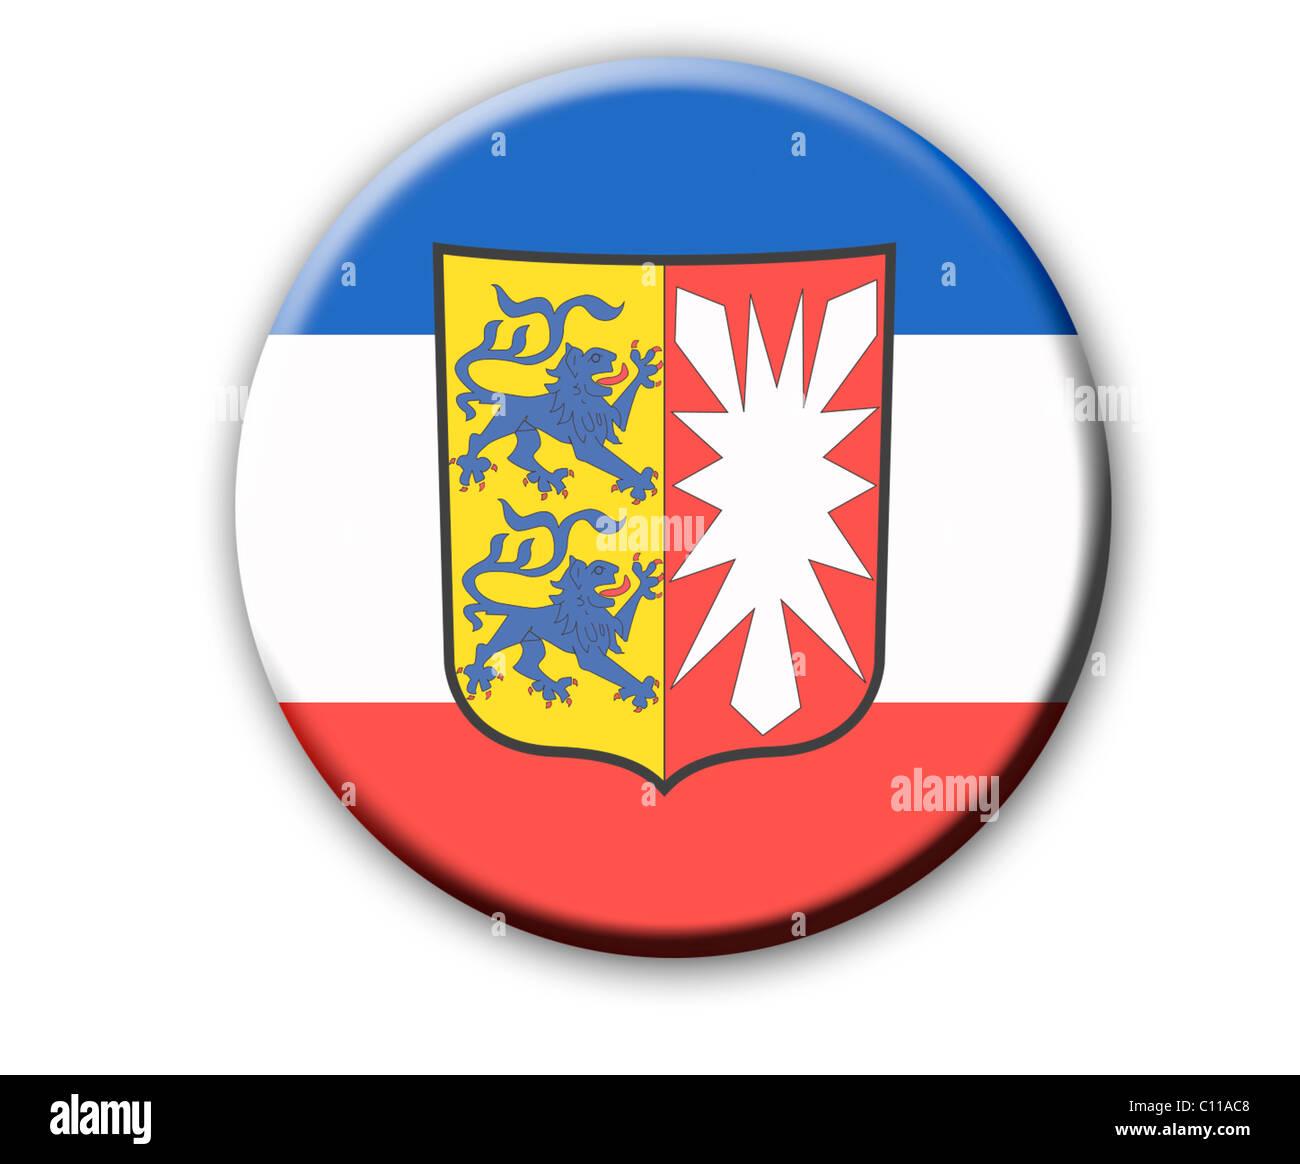 Wappen Des Landes Schleswig Holstein Deutschland Stockfoto Bild